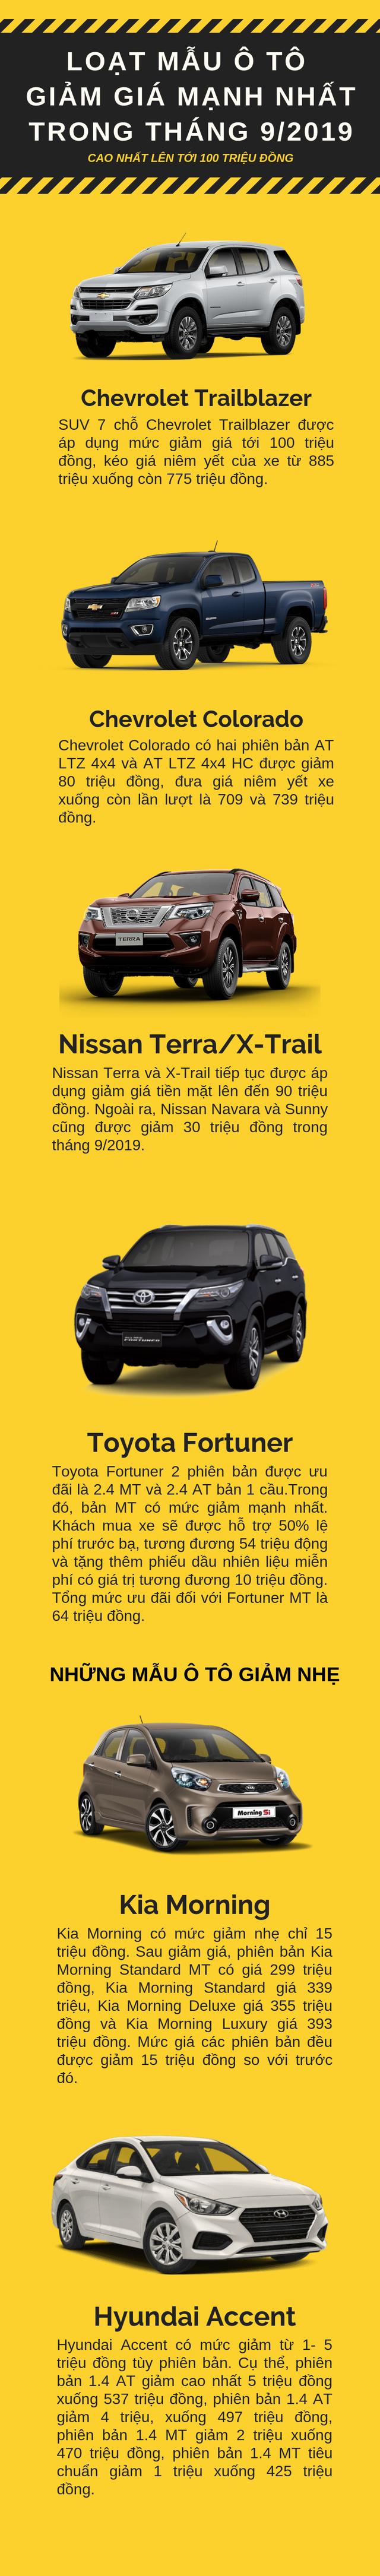 Loạt mẫu ô tô giảm giá khủng trong tháng 9/2019, cao nhất lên tới 100 triệu đồng - Ảnh 1.